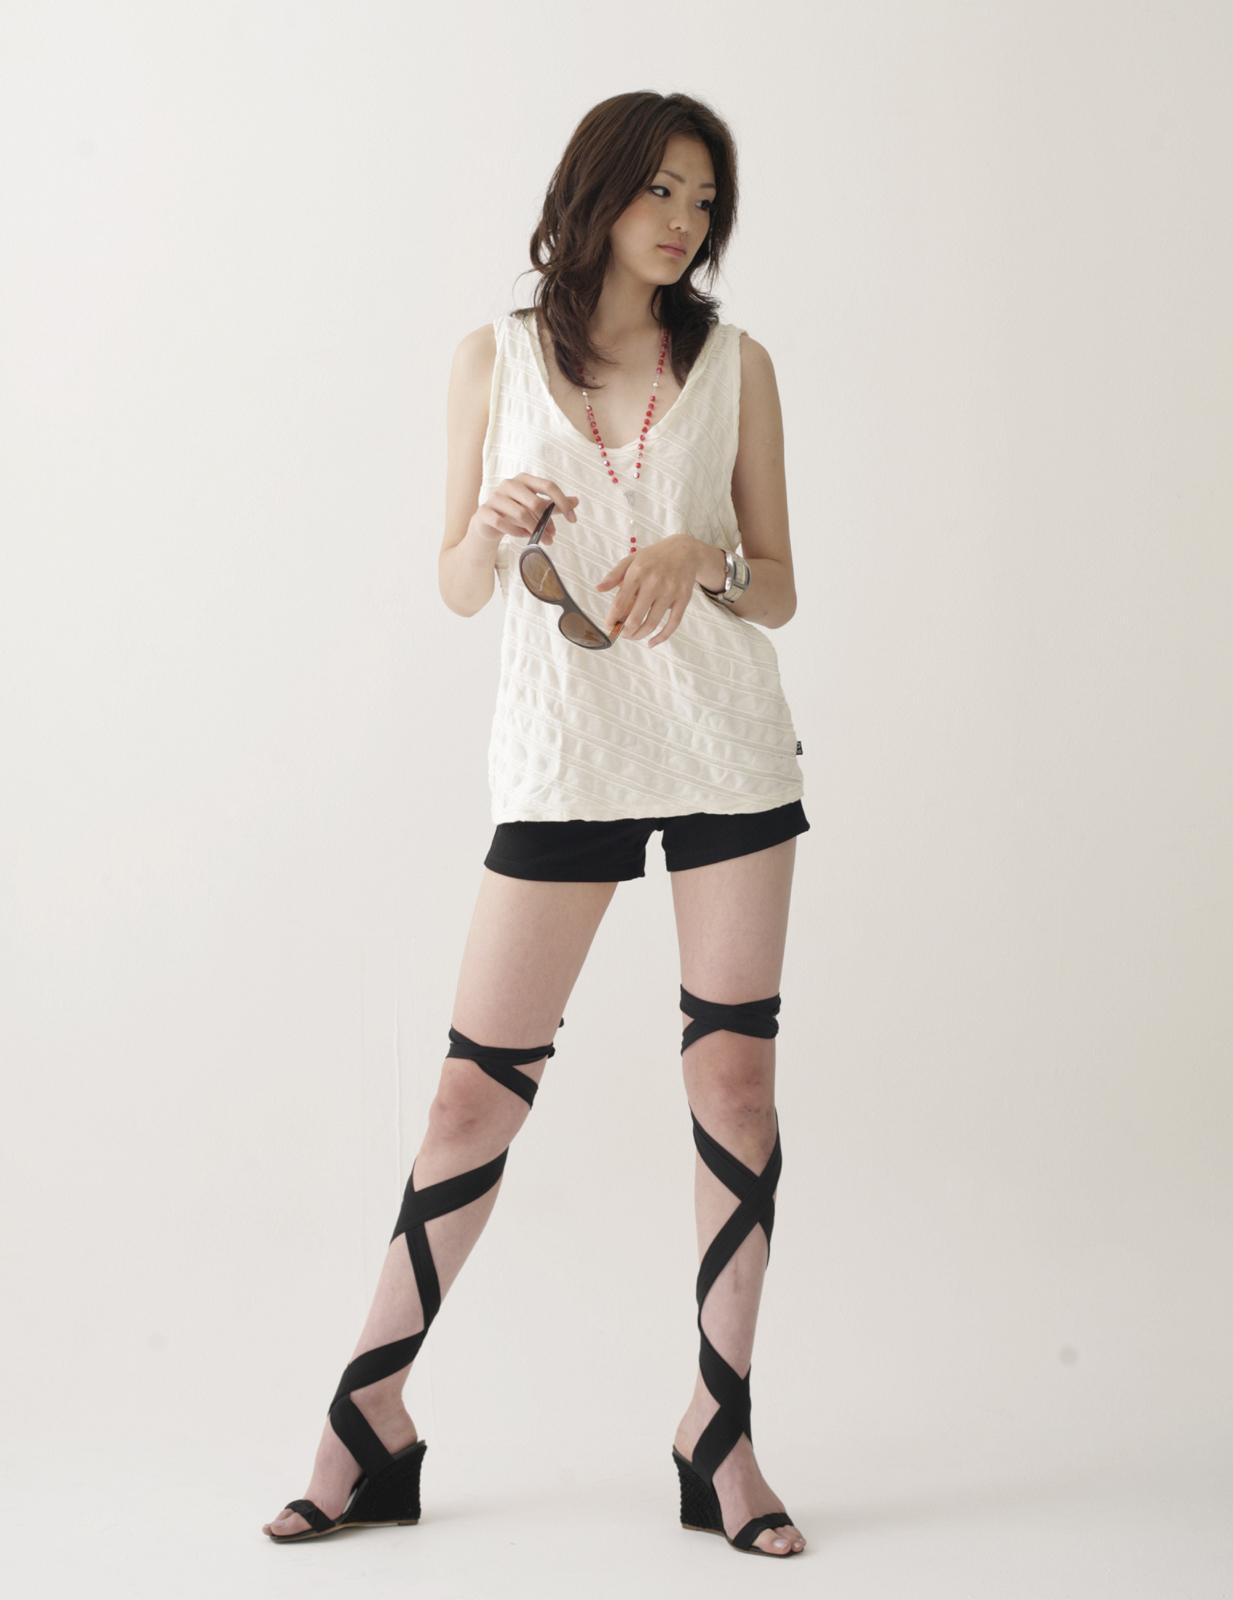 model / Yurika